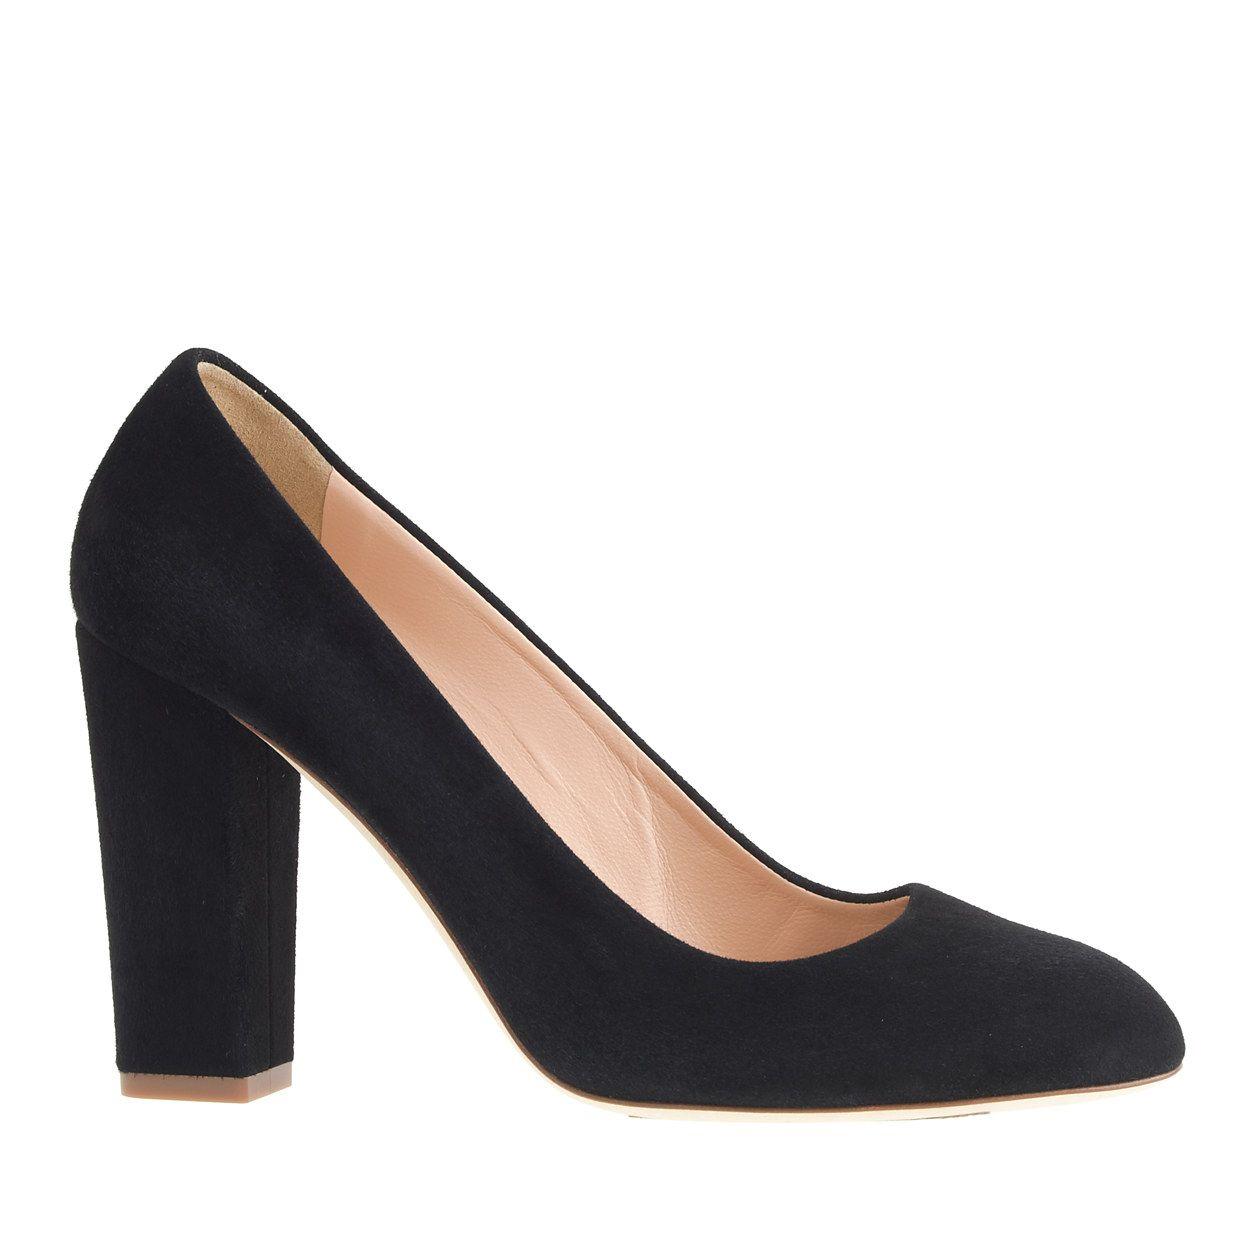 48de284fd6d Stella suede pumps   pumps   heels